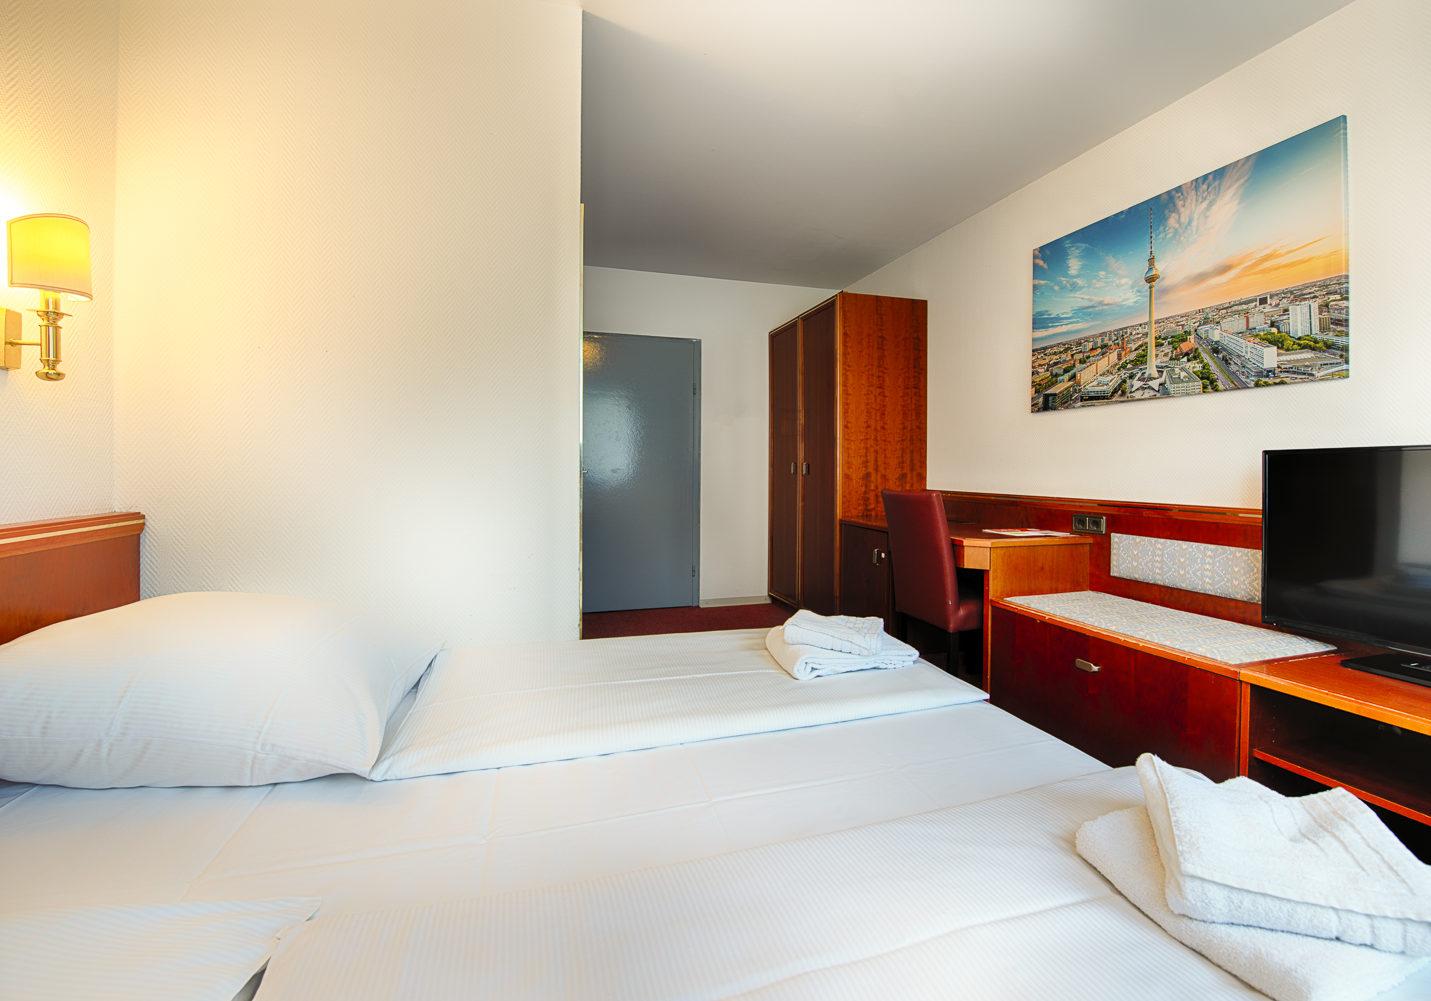 HOTEL_B1_116_2BETT_2_klein